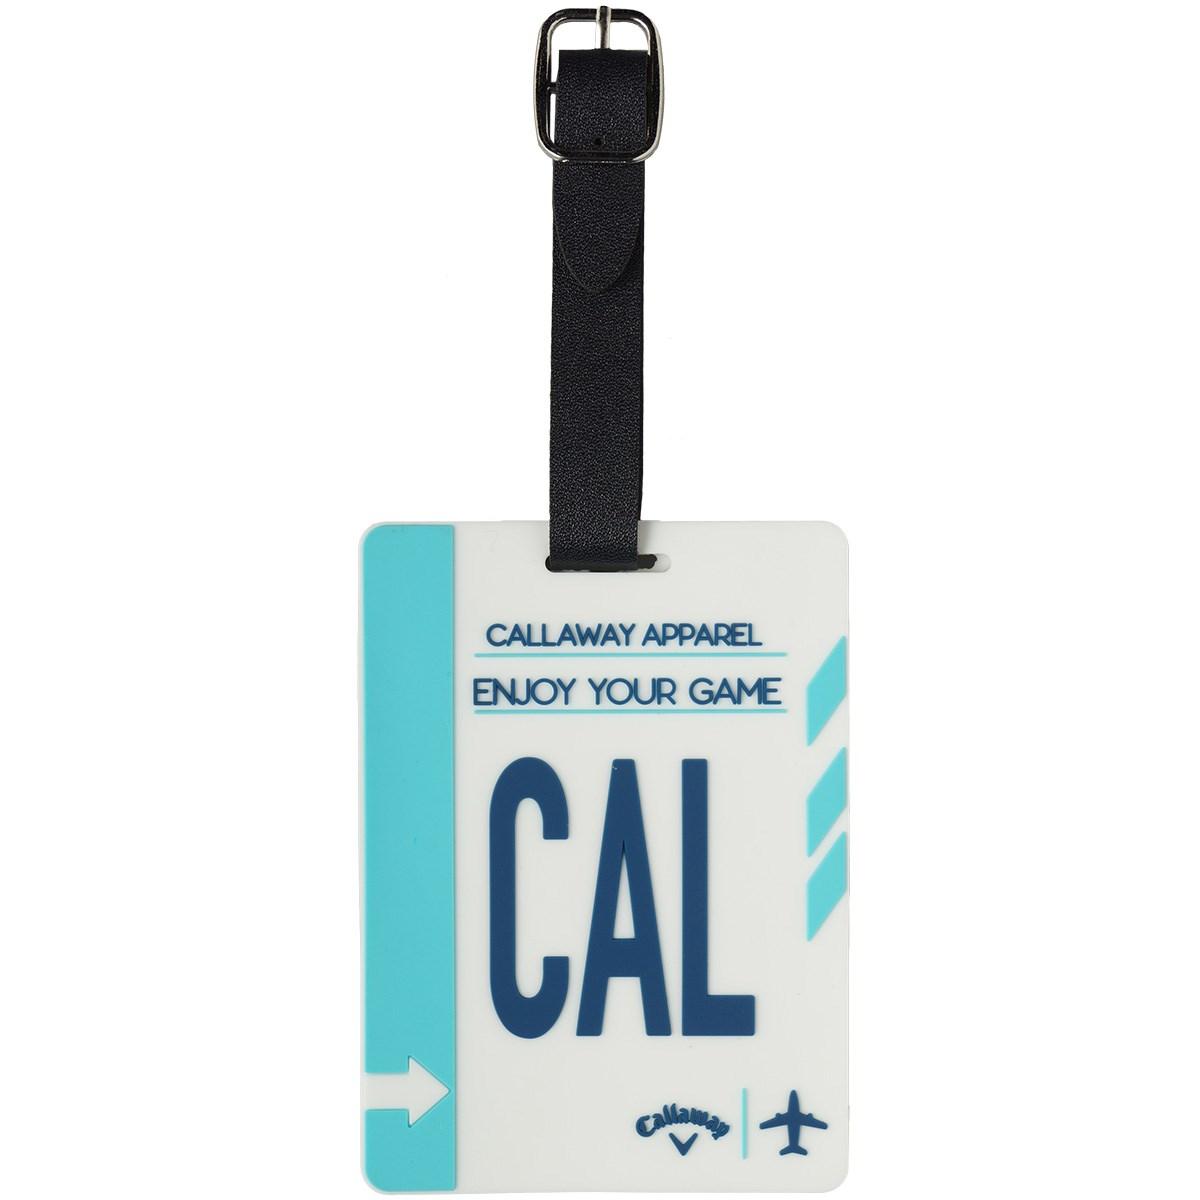 キャロウェイゴルフ Callaway Golf シリコンネームタグ ホワイト 030 レディス